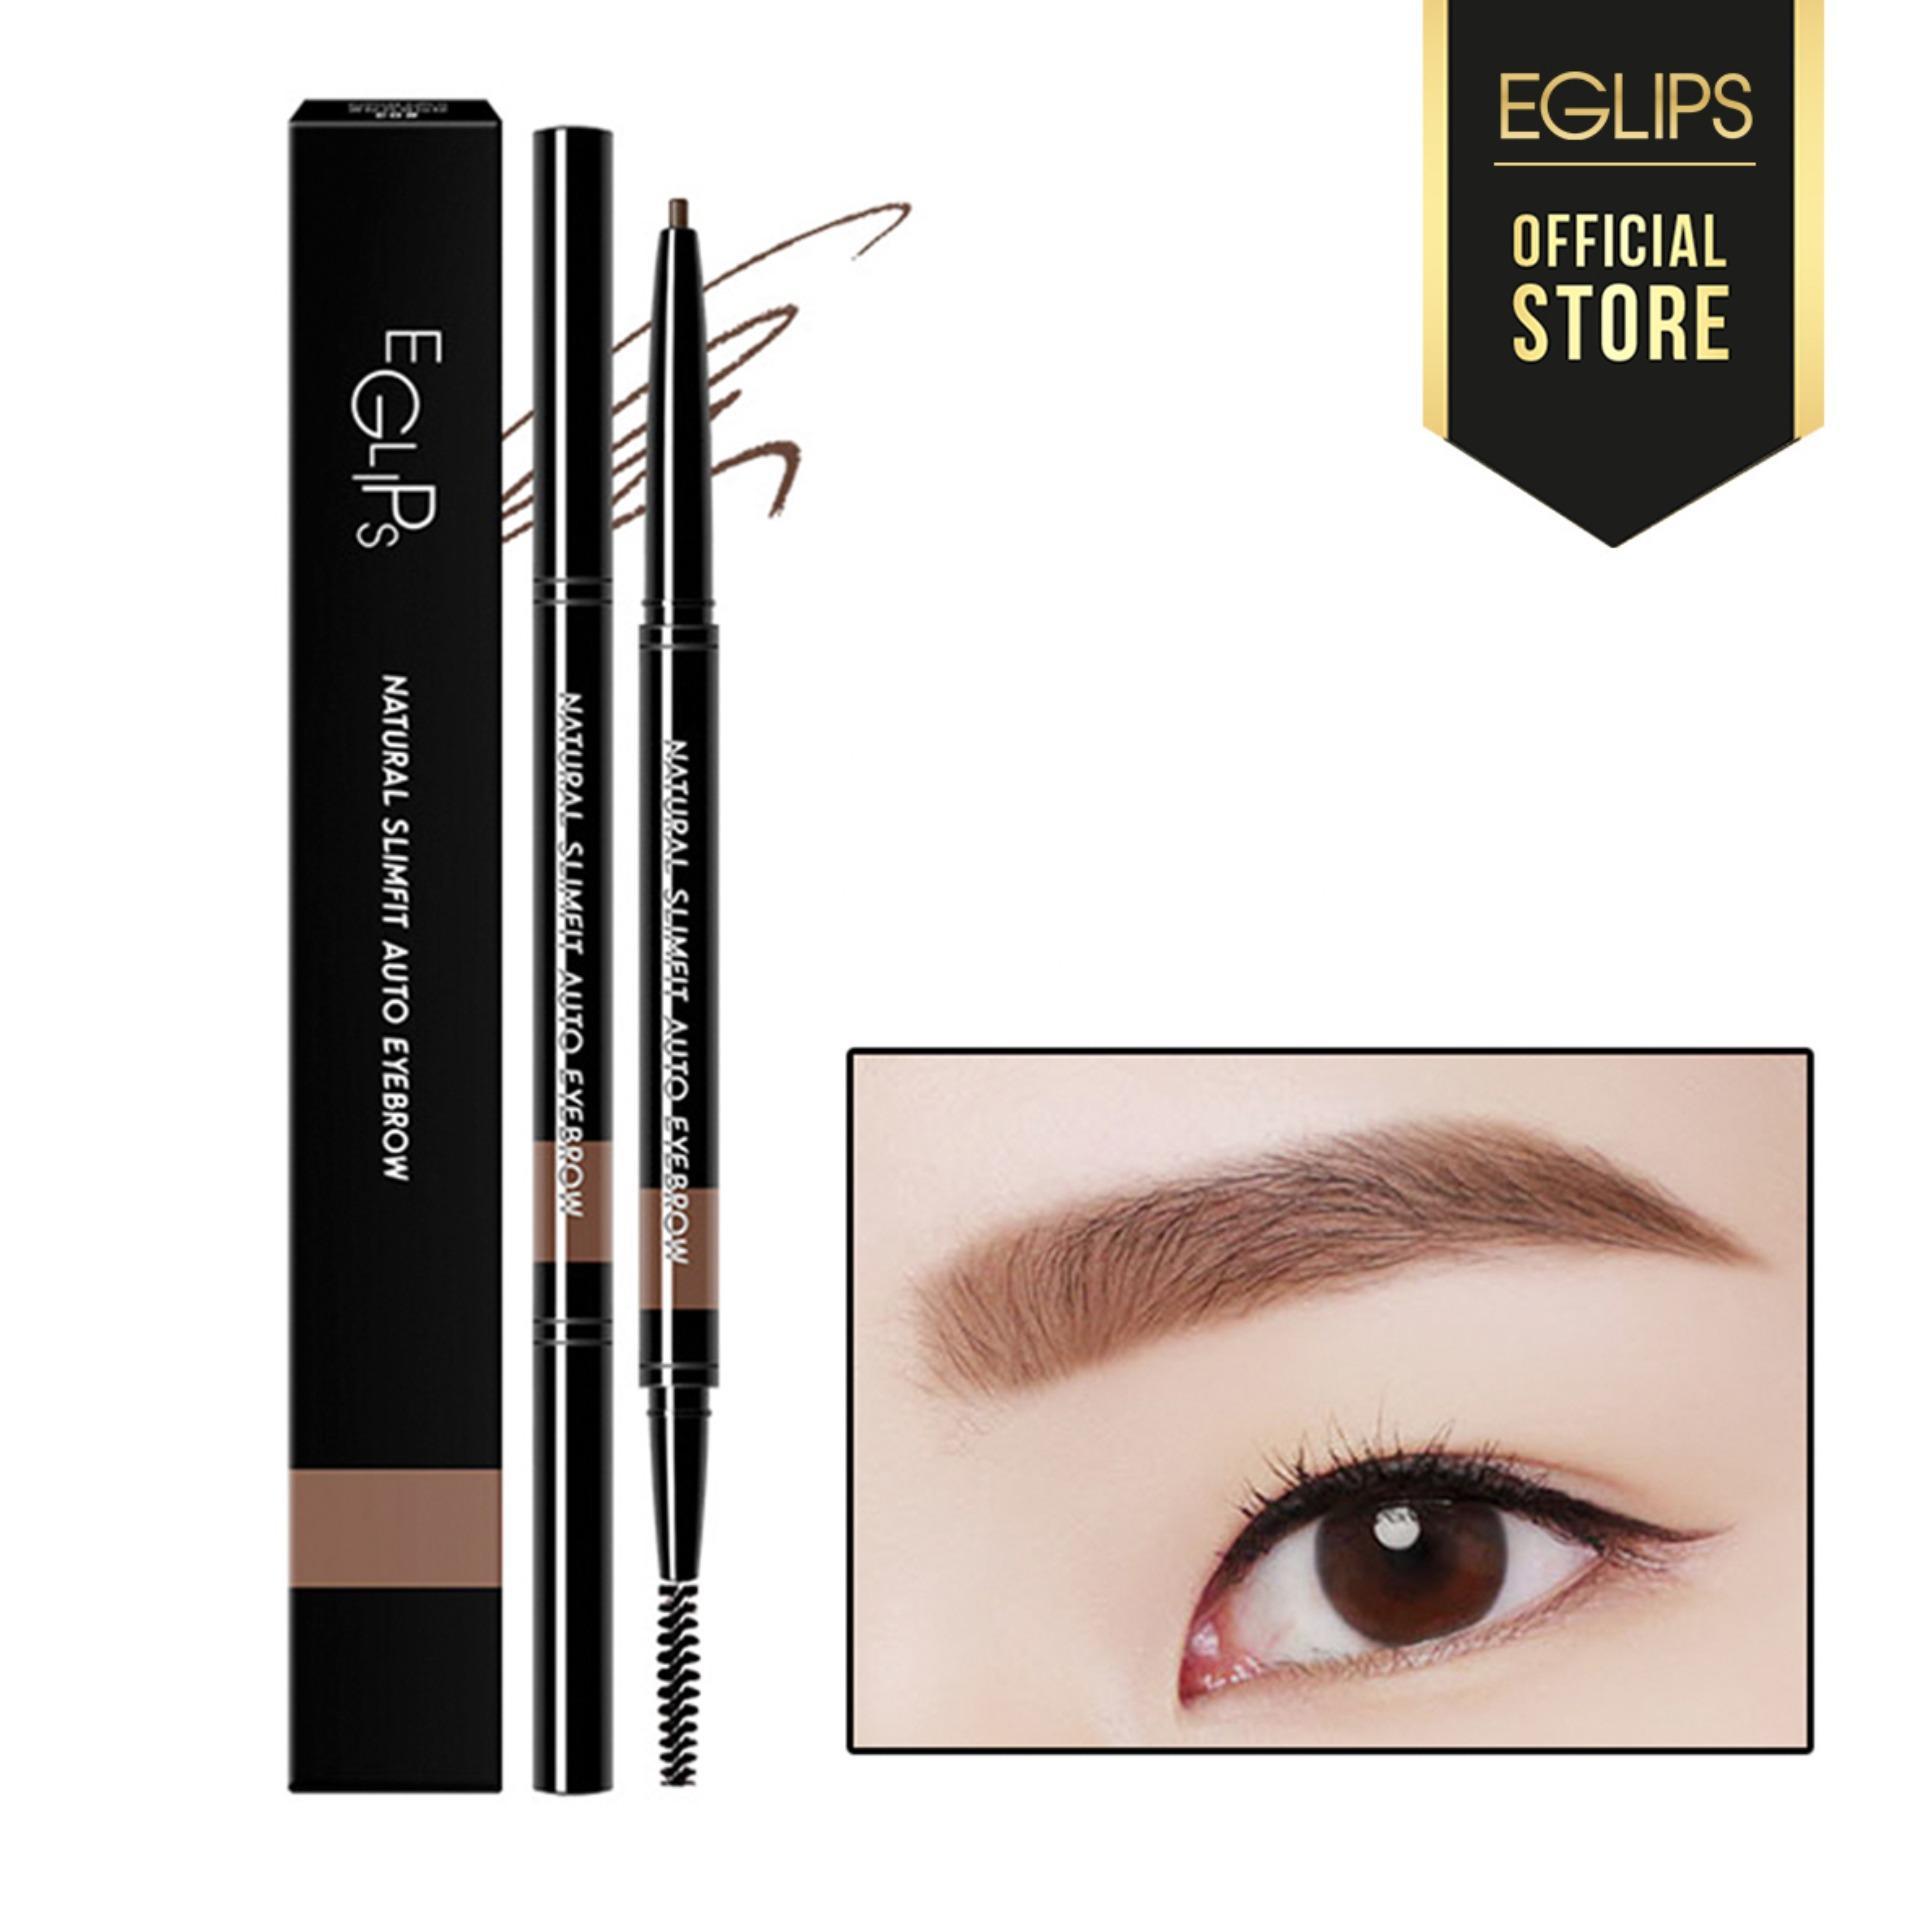 Kẻ lông mày Eglips Natural Slimfit Auto Eyebrow - #03 Light Brown tốt nhất